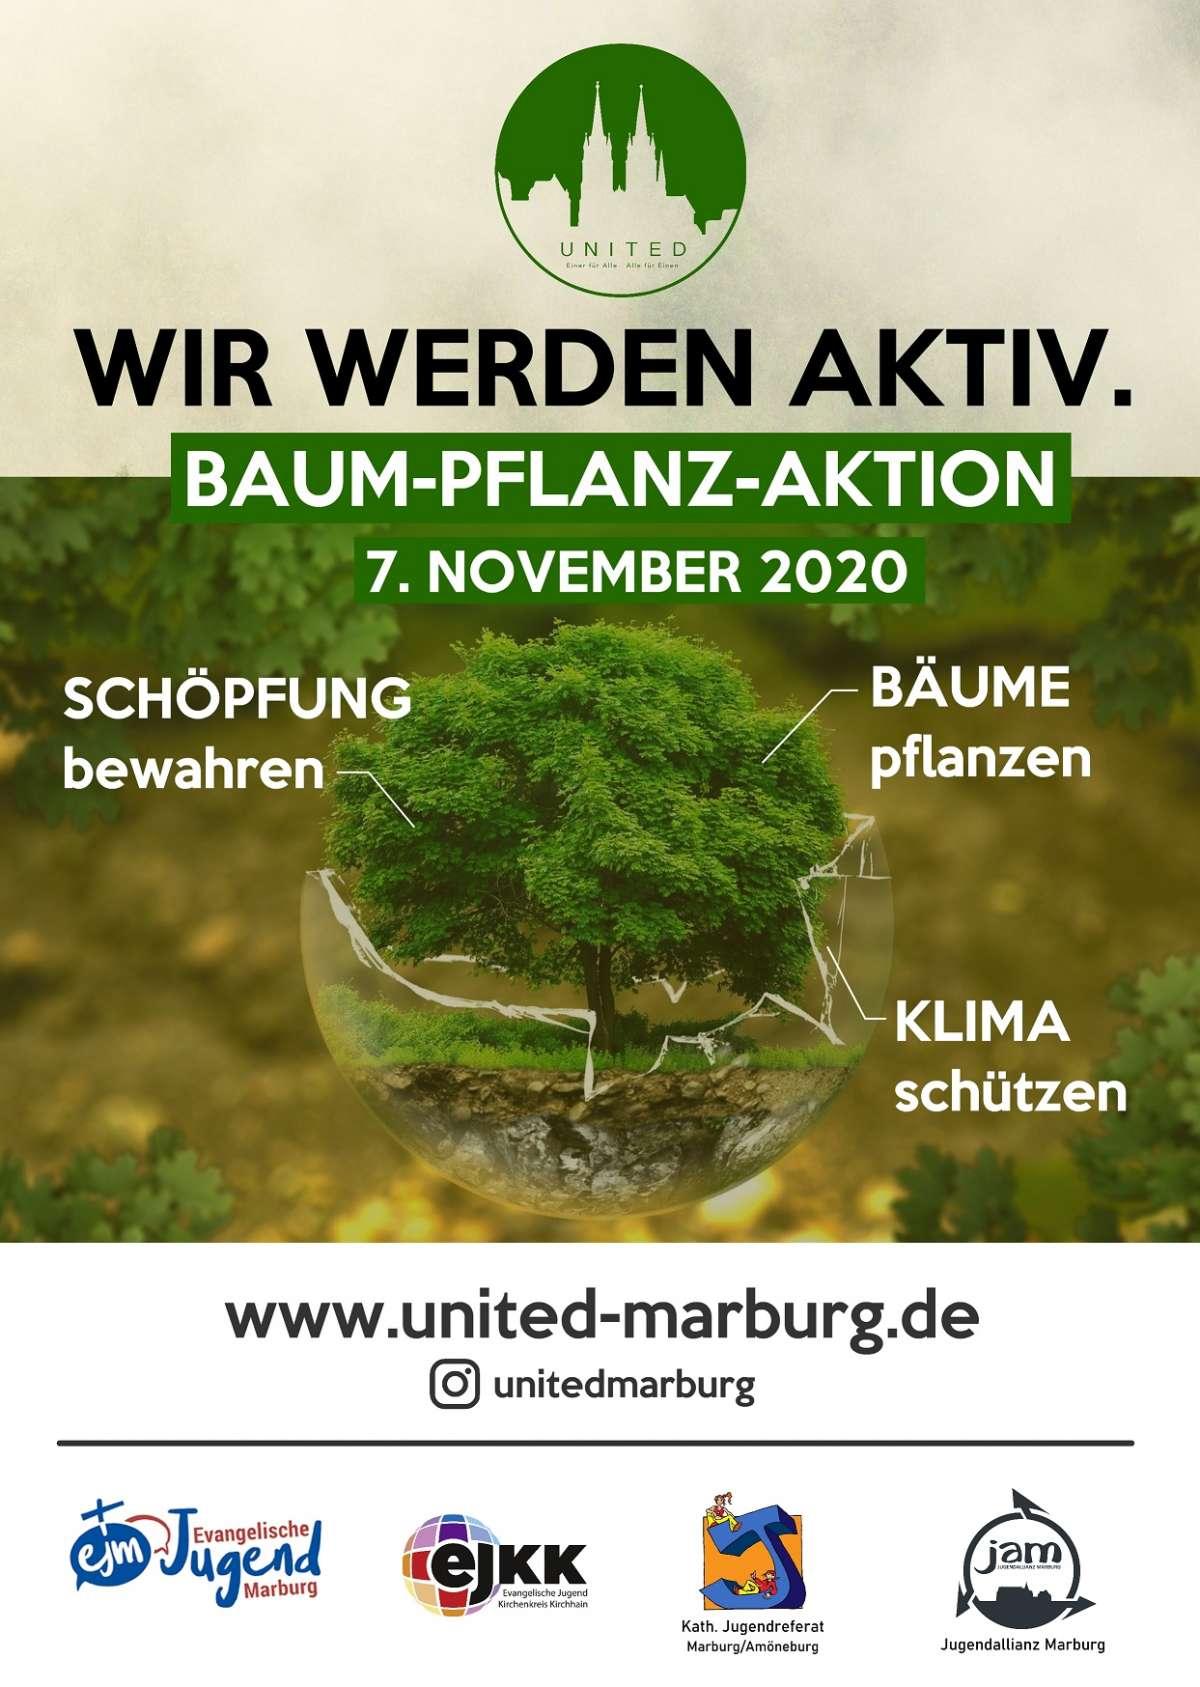 Baum-Pflanz-Aktion 2020 - Wir werden aktiv.